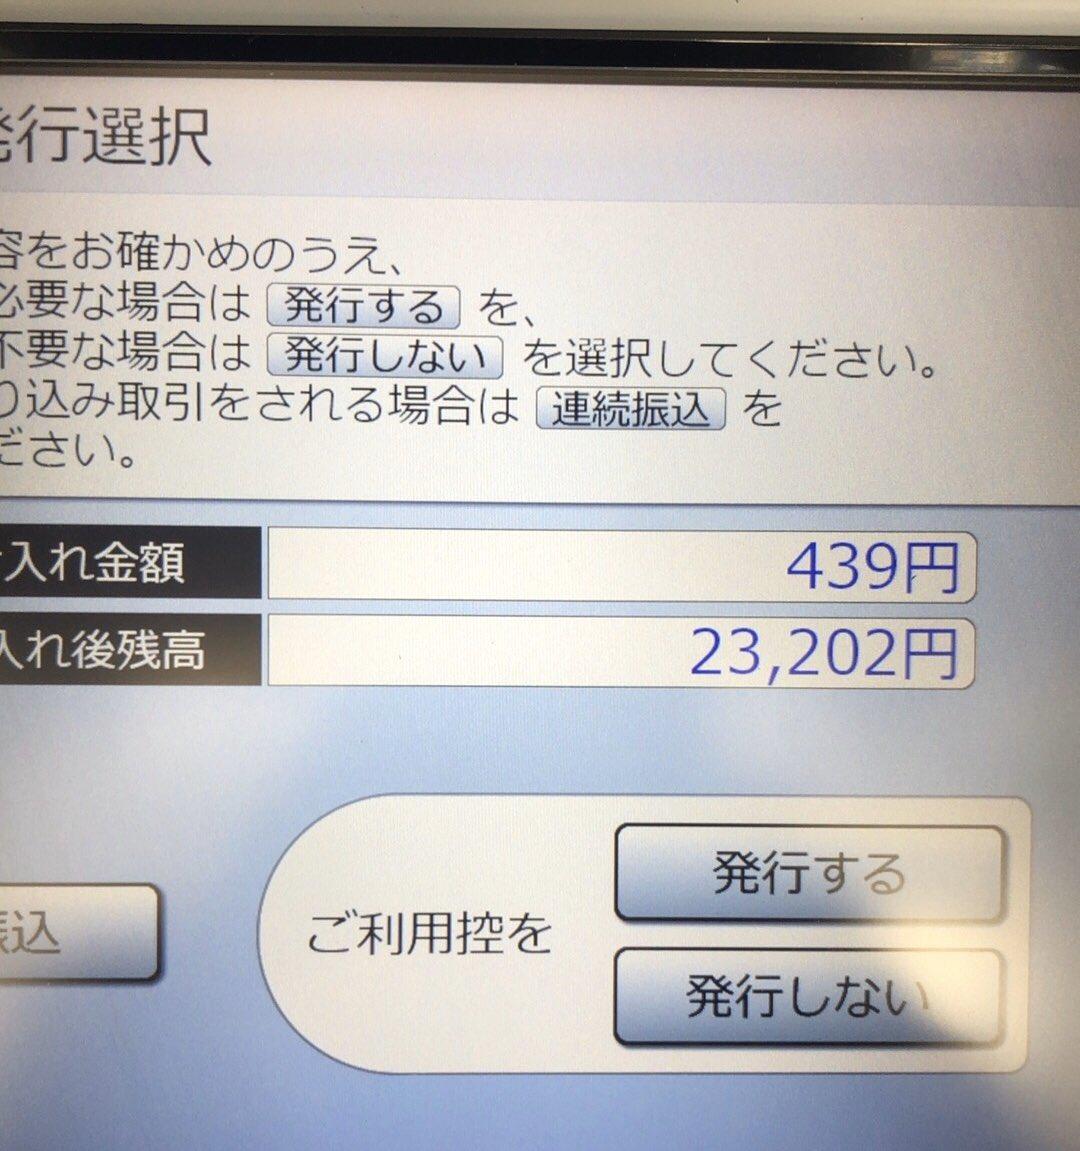 1日1000円生活の余り貯金、口座の小銭、家にある小銭、仮想通貨を全て集めてこれだけ集まった。これは1番遅れたらまずいYJカードの返済に充てよう。。